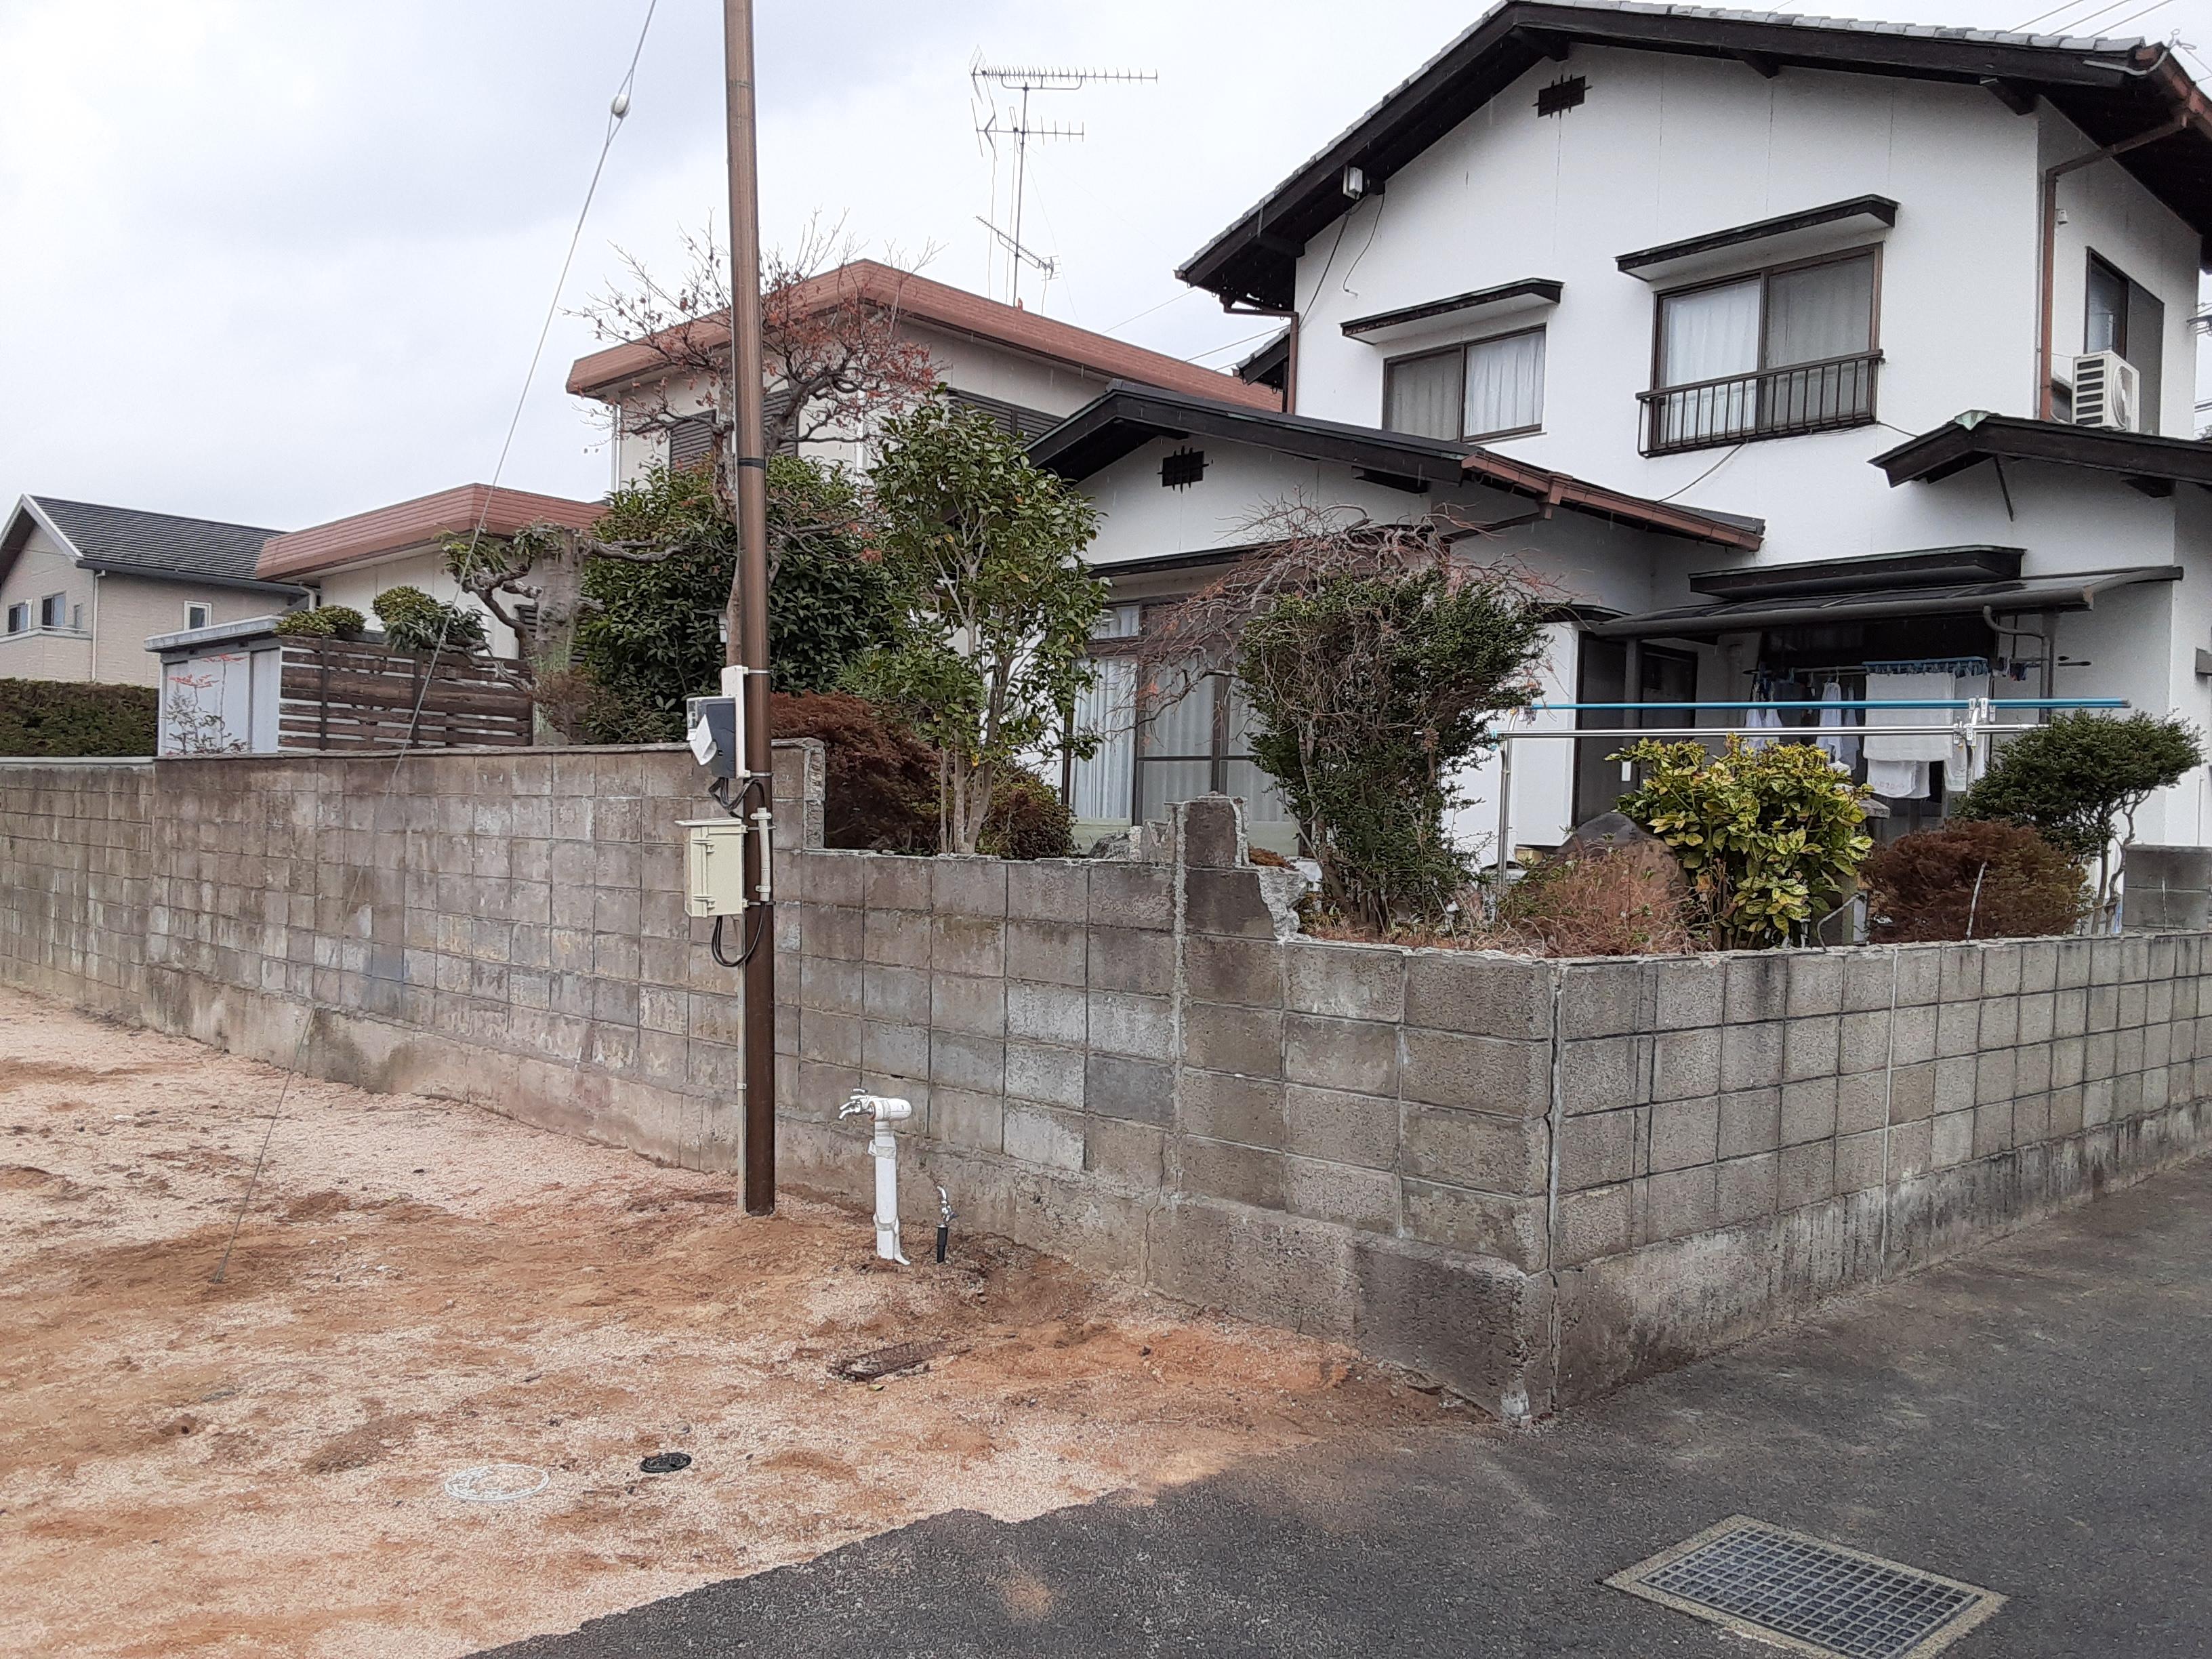 ギャラリーパティオのフェンス工事 及び ブロック塀補修工事の施工前の写真1